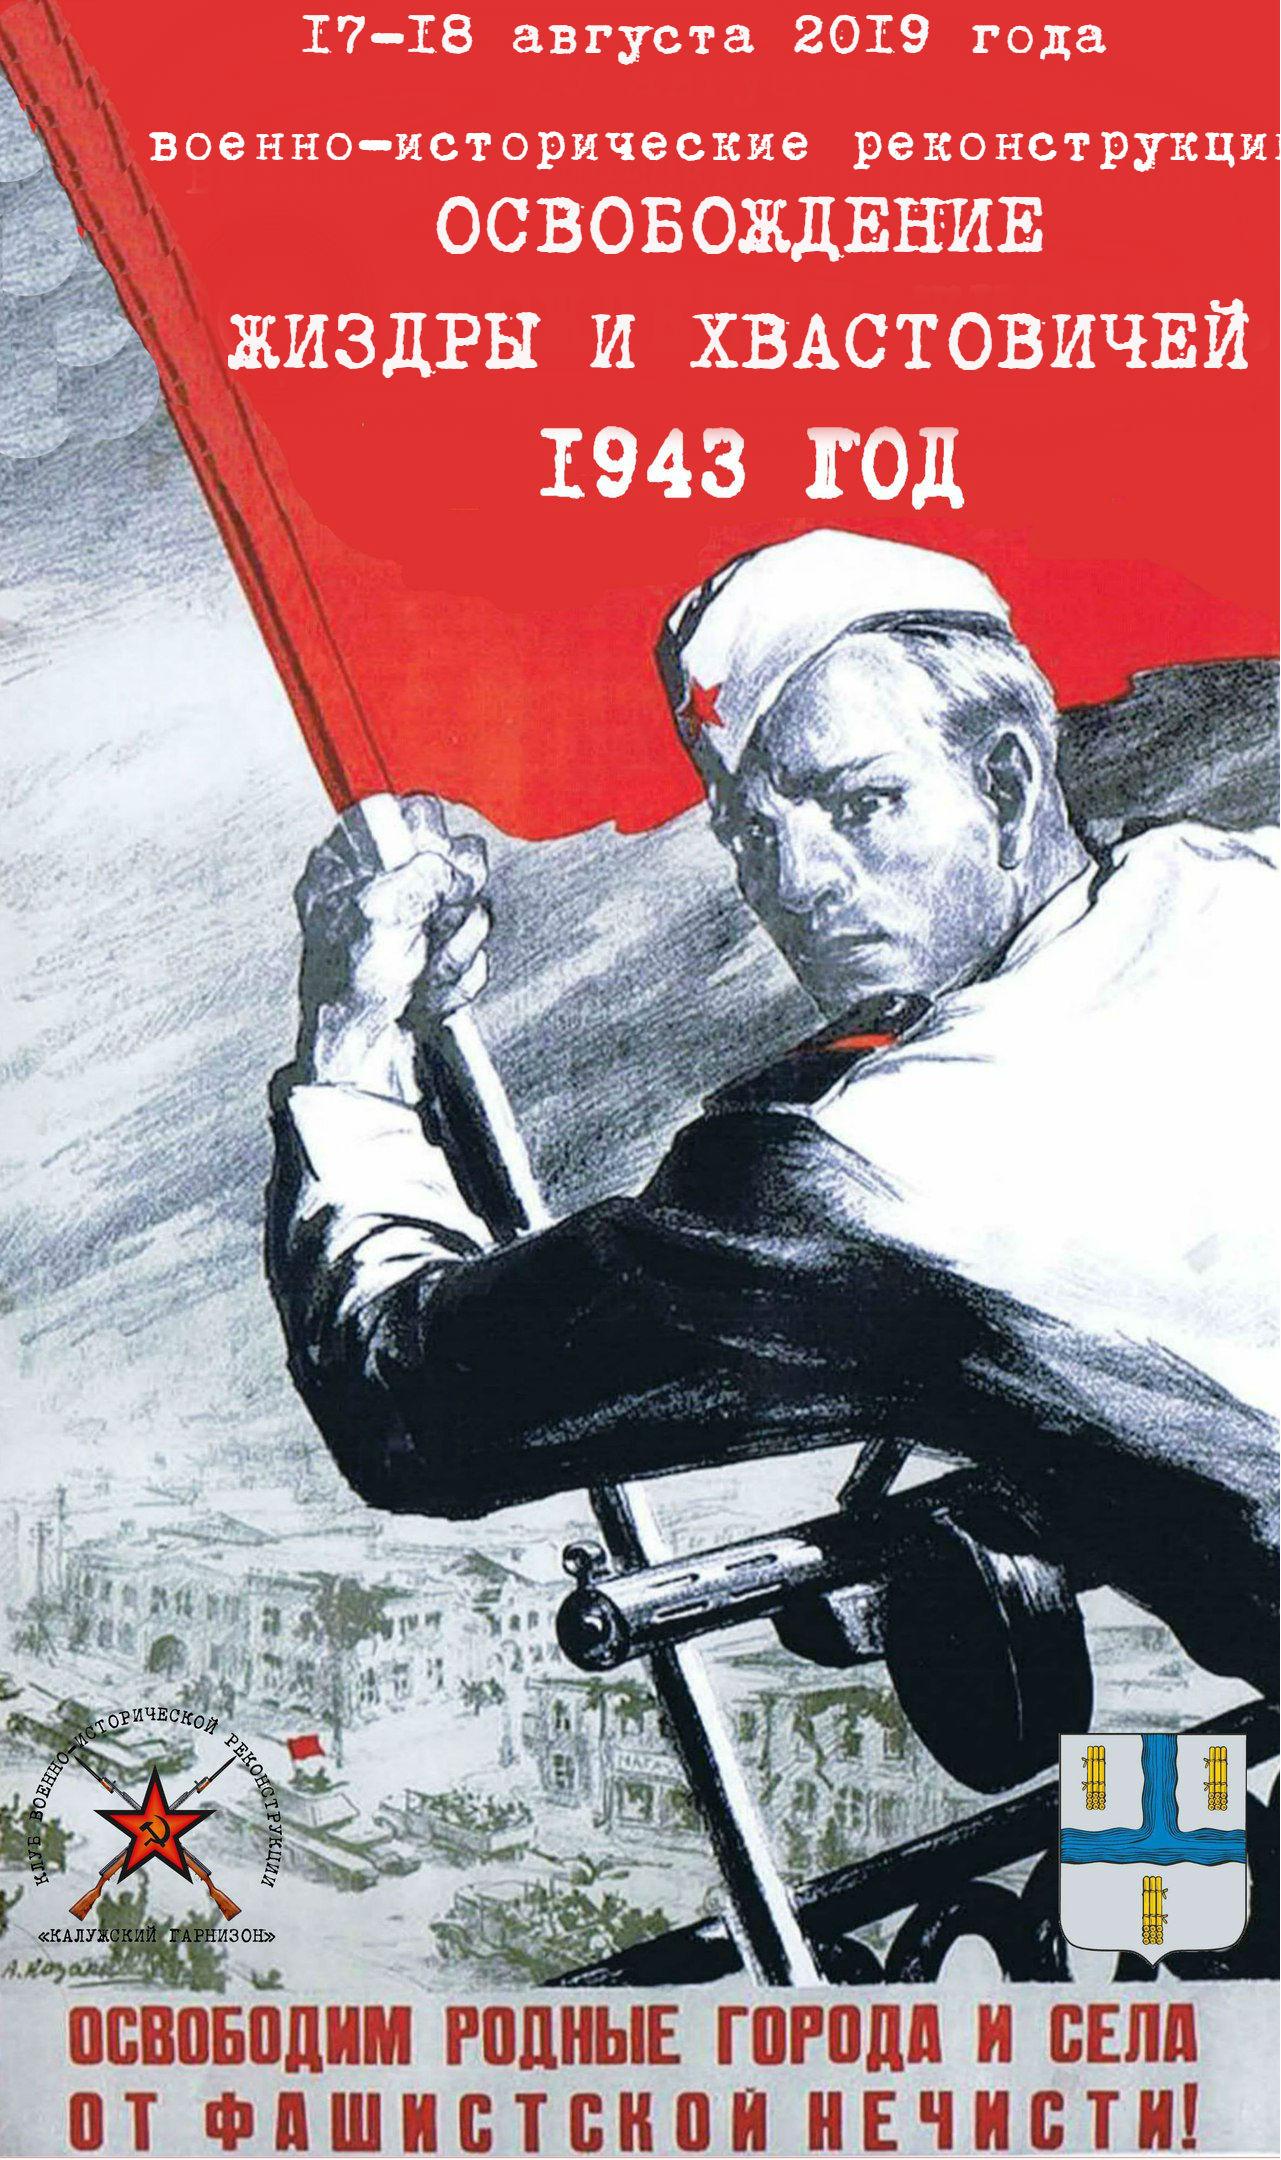 osvobozhdenie-zhizdry-1943-god